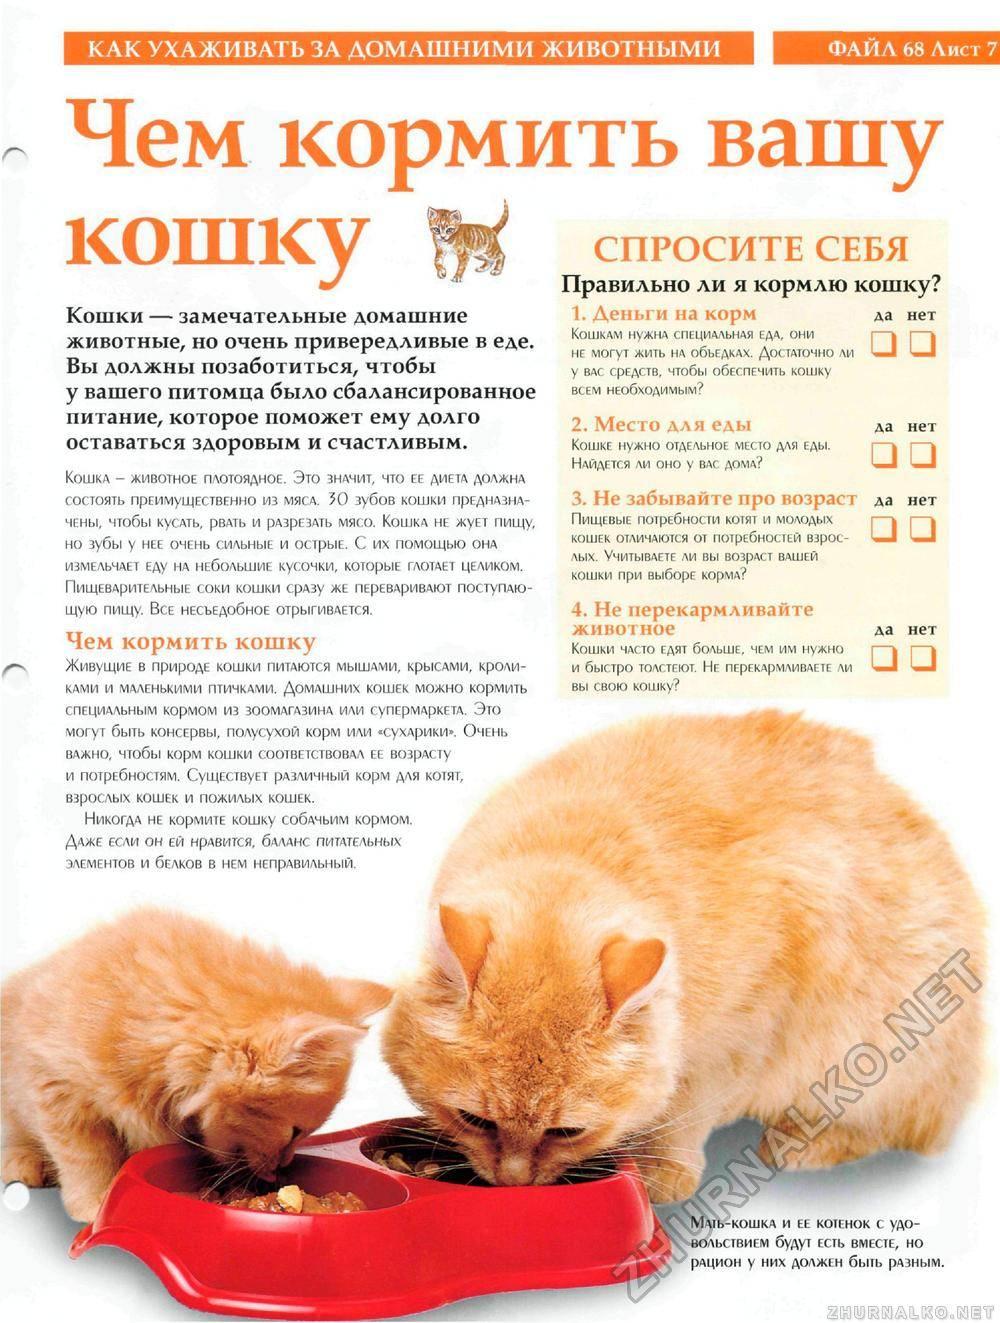 Как кормить котенка?